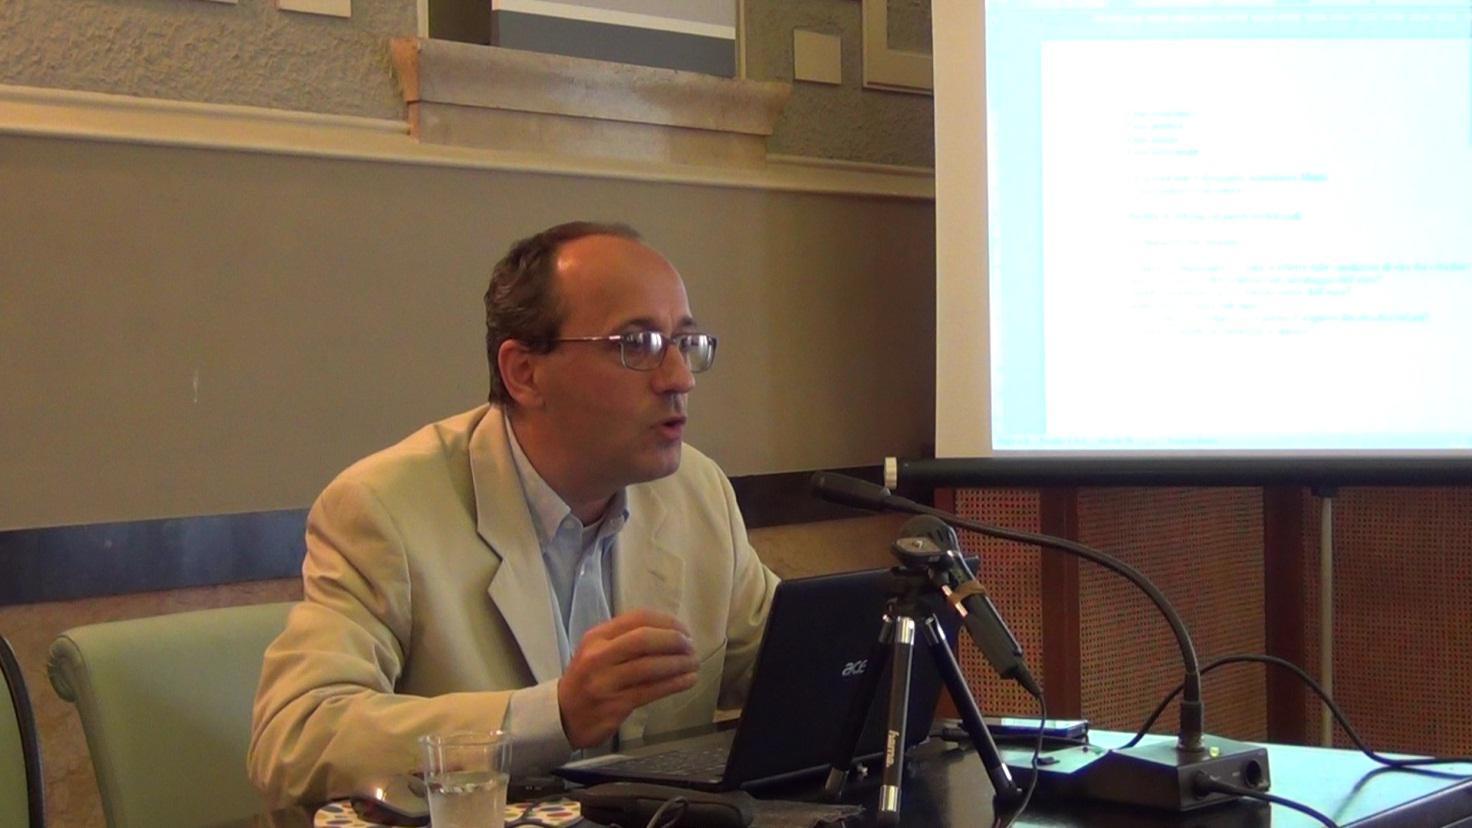 Chi è Alberto Bagnai, l'economista anti euro di sinistra corteggiato dalla destra